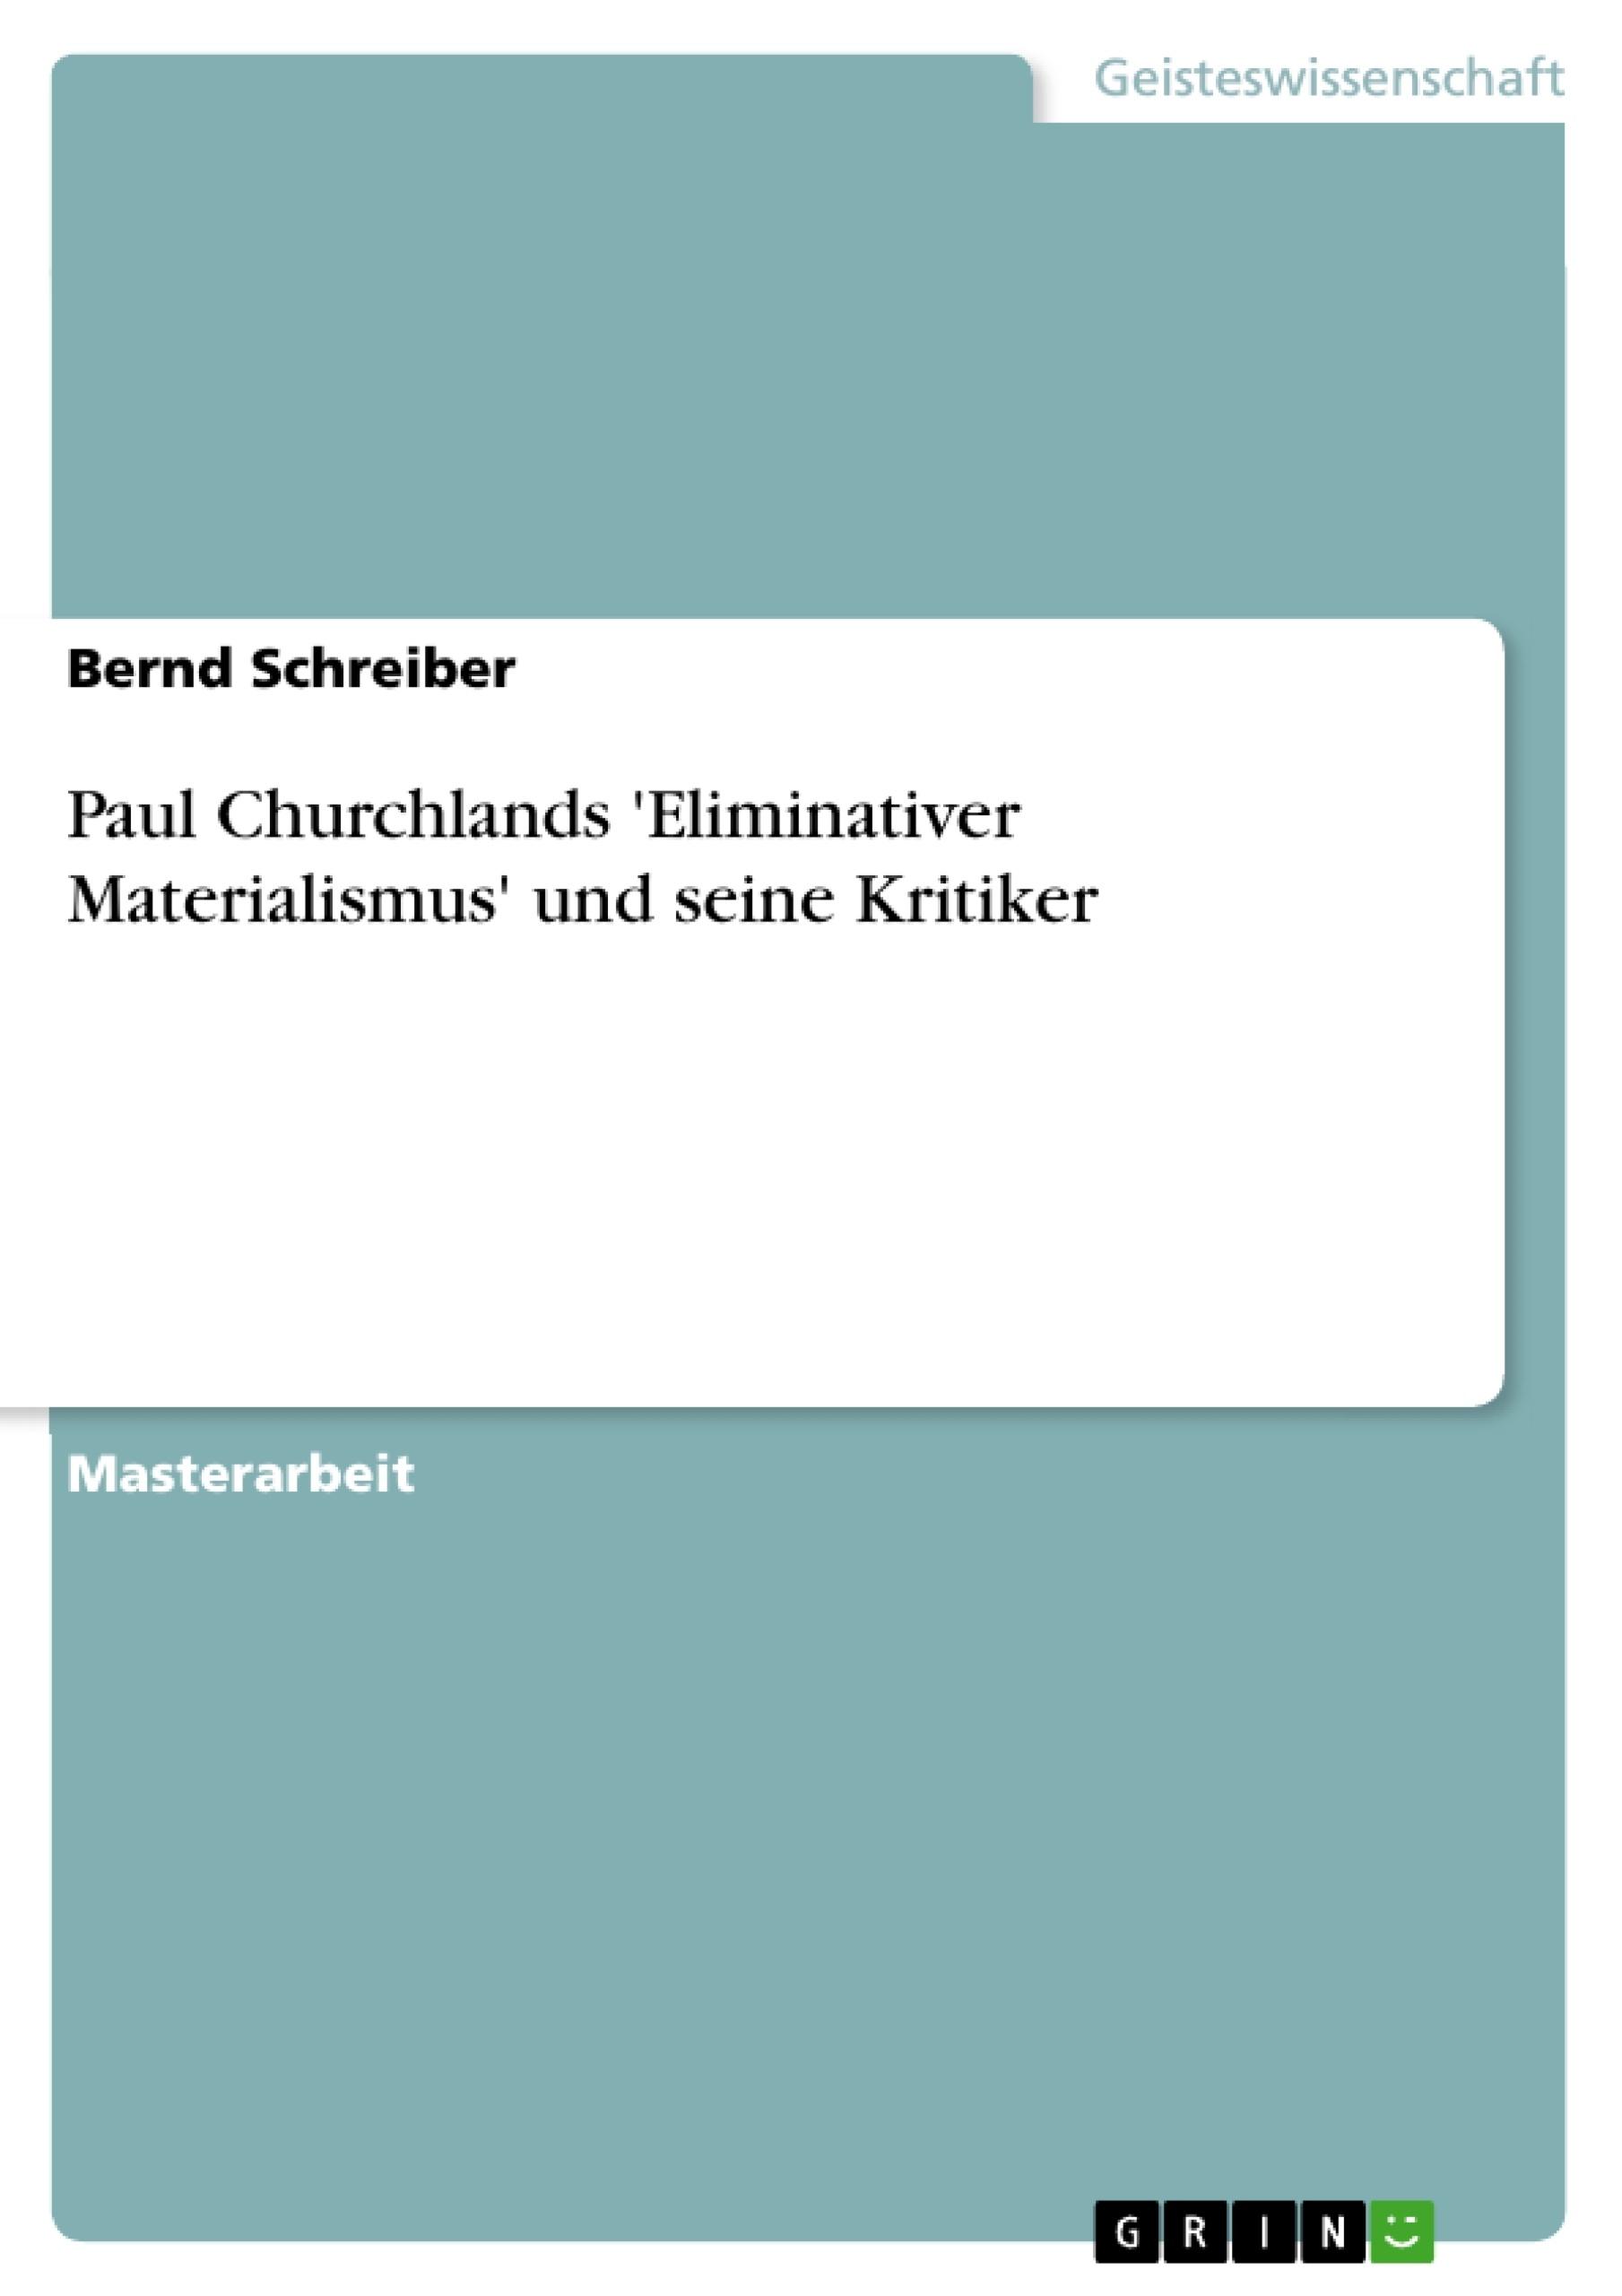 Titel: Paul Churchlands 'Eliminativer Materialismus' und seine Kritiker